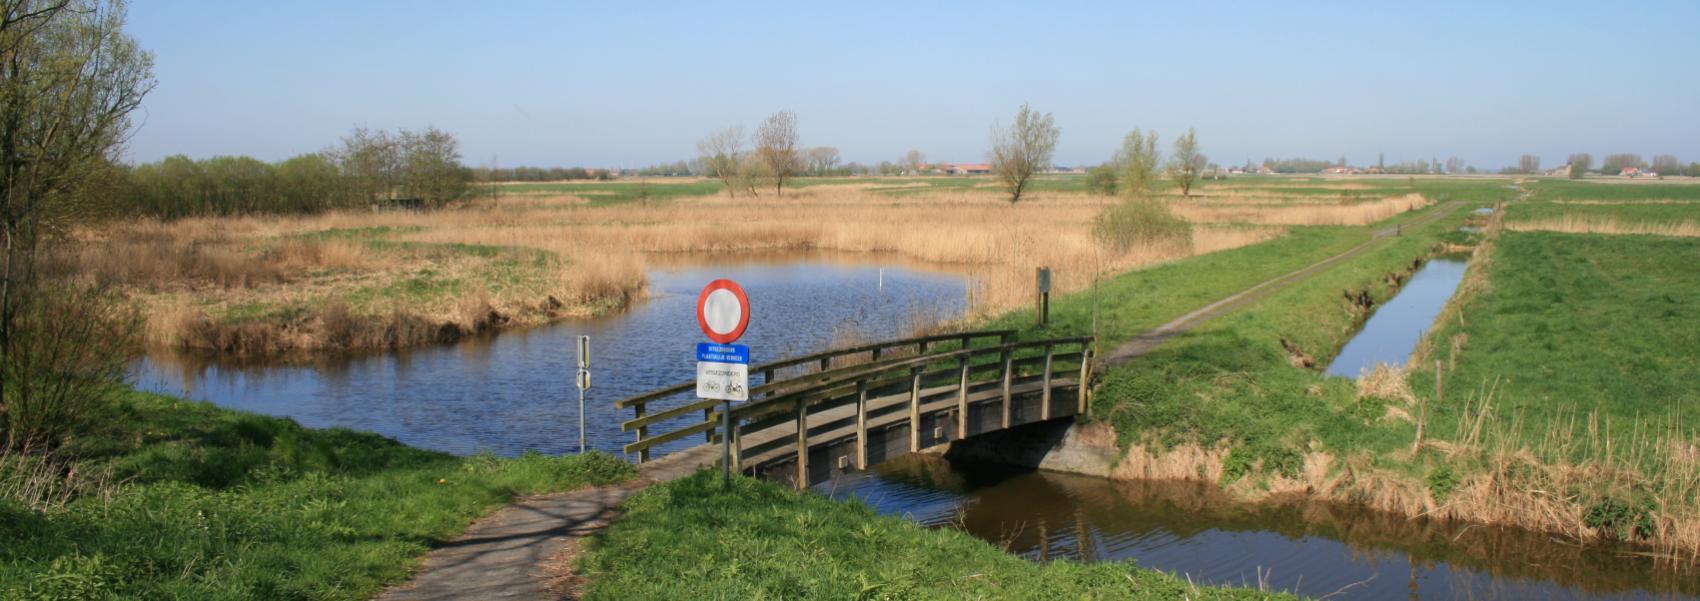 brugje over het water in het landschap